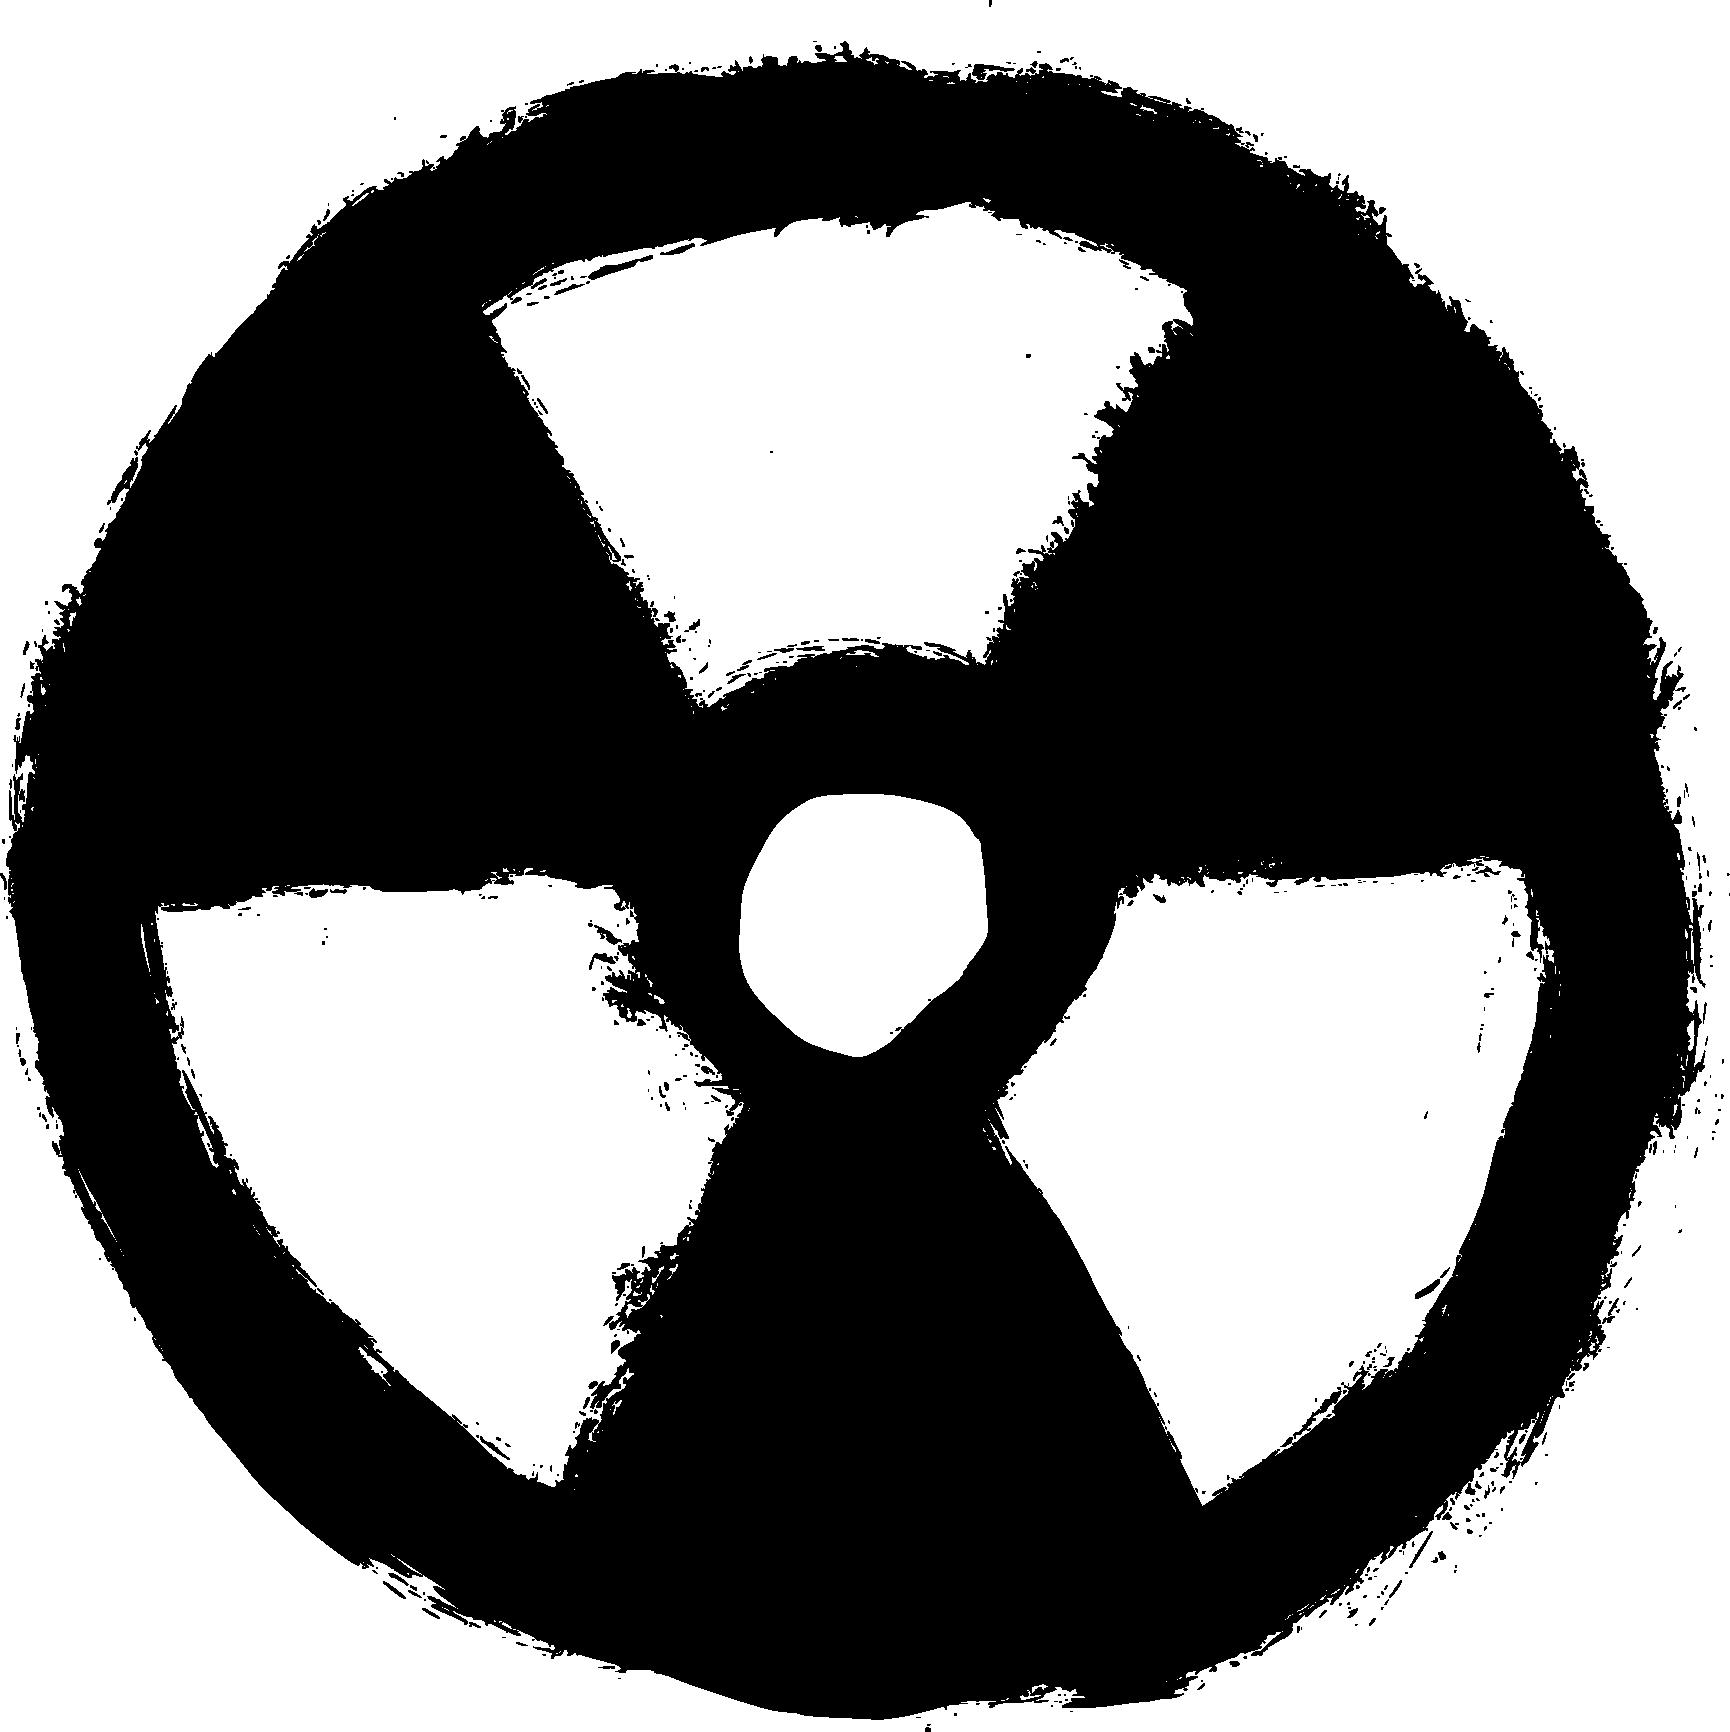 4 grunge radioactive sign png transparent onlygfxcom